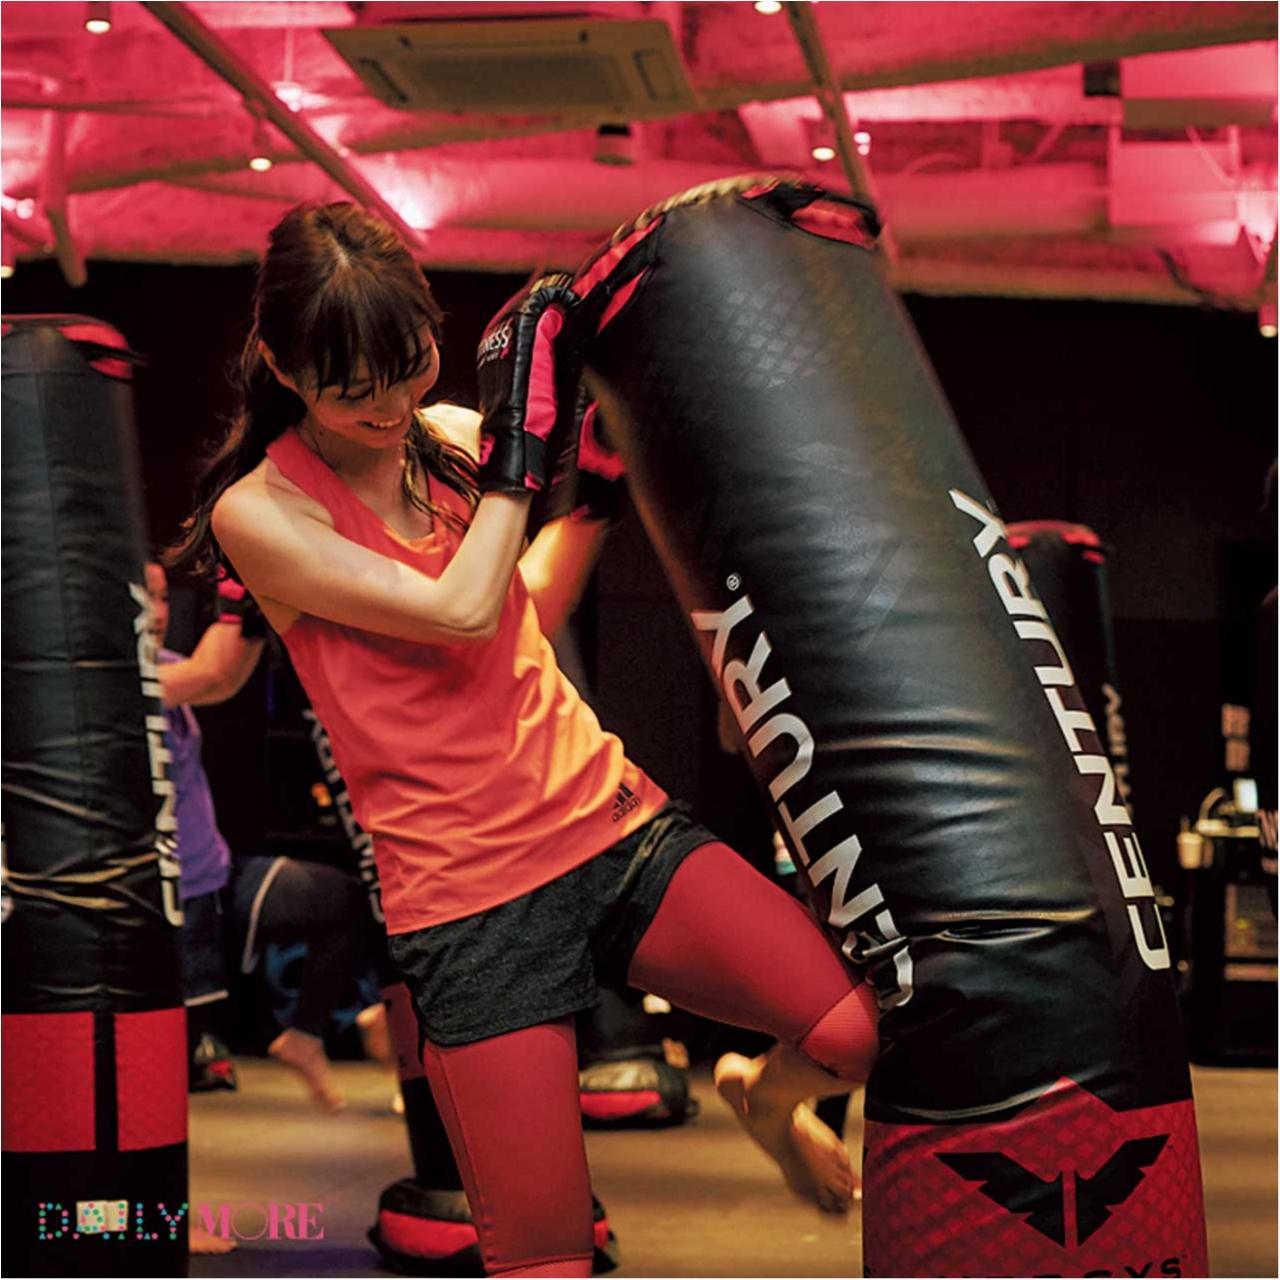 【動画でチェック!】 内田理央、人生で一番、汗をかく? 話題の女子専用ジム『MITTNESS』に突撃! 【#モアチャレ 内田理央の「キックボクシング」チャレンジ】_2_4